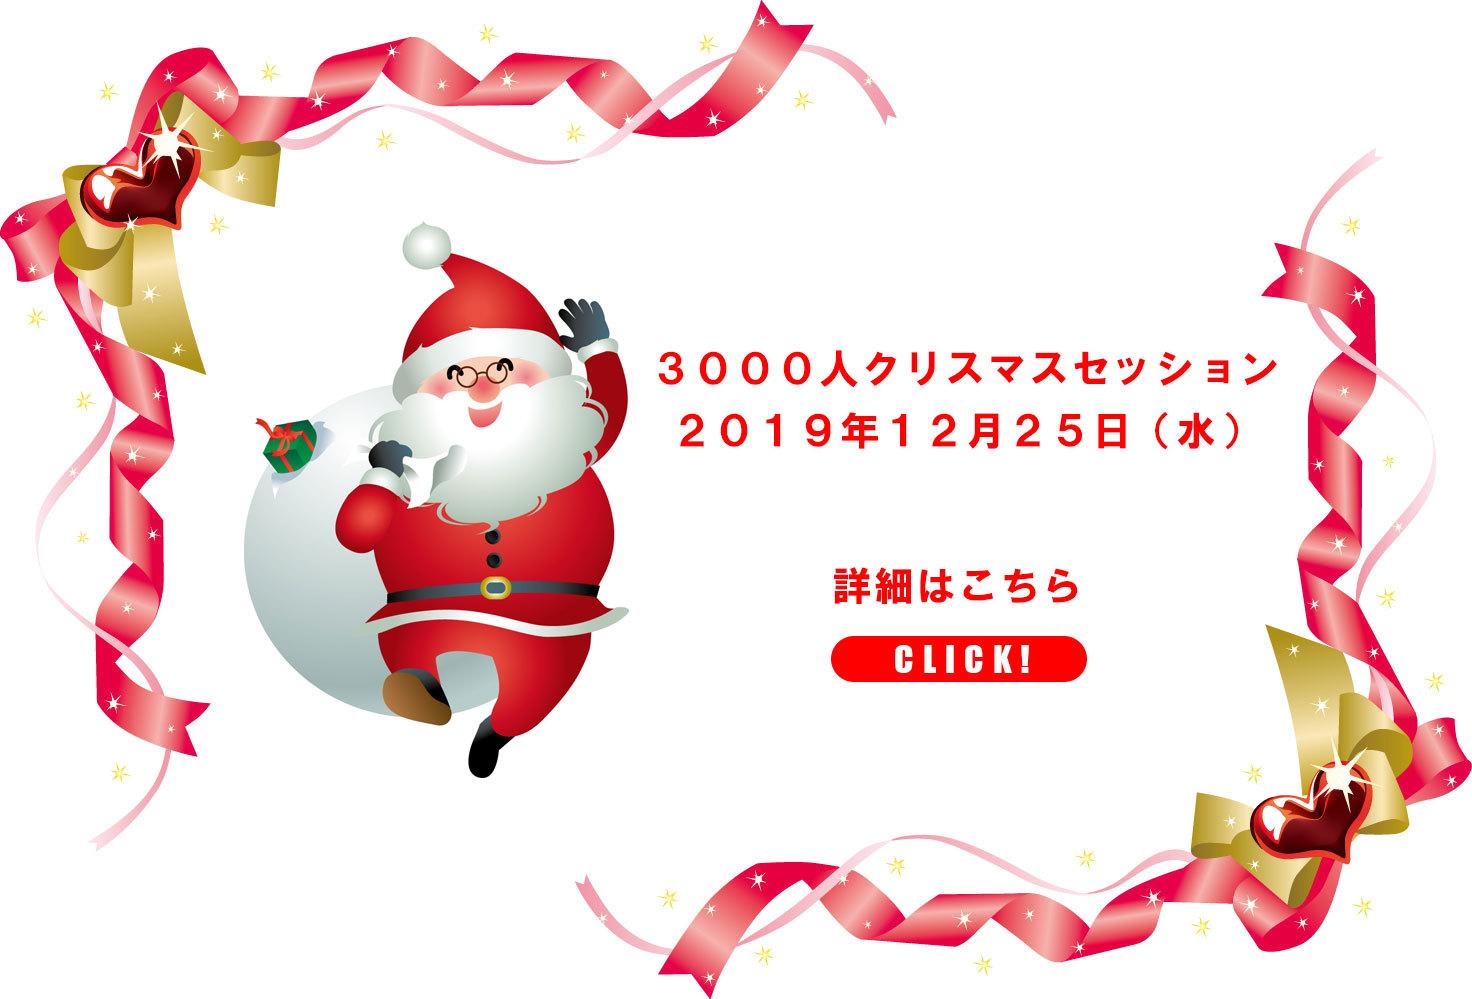 3000人クリスマスセッション